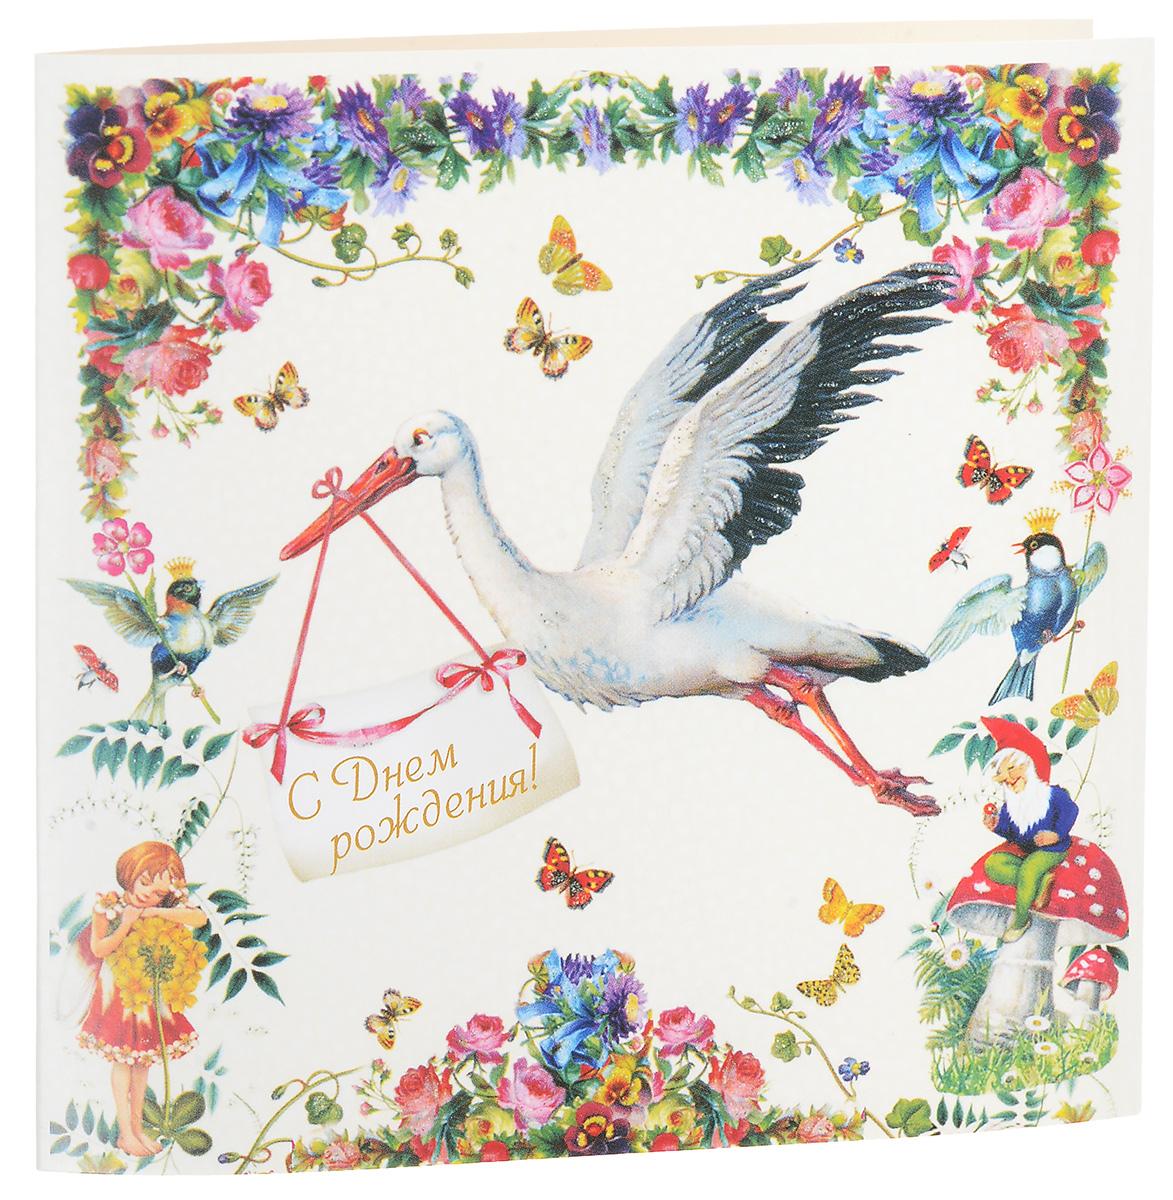 Открытка поздравительная Darinchi № 34, формат А5. Авторская работа97827Замечательная поздравительная открытка.